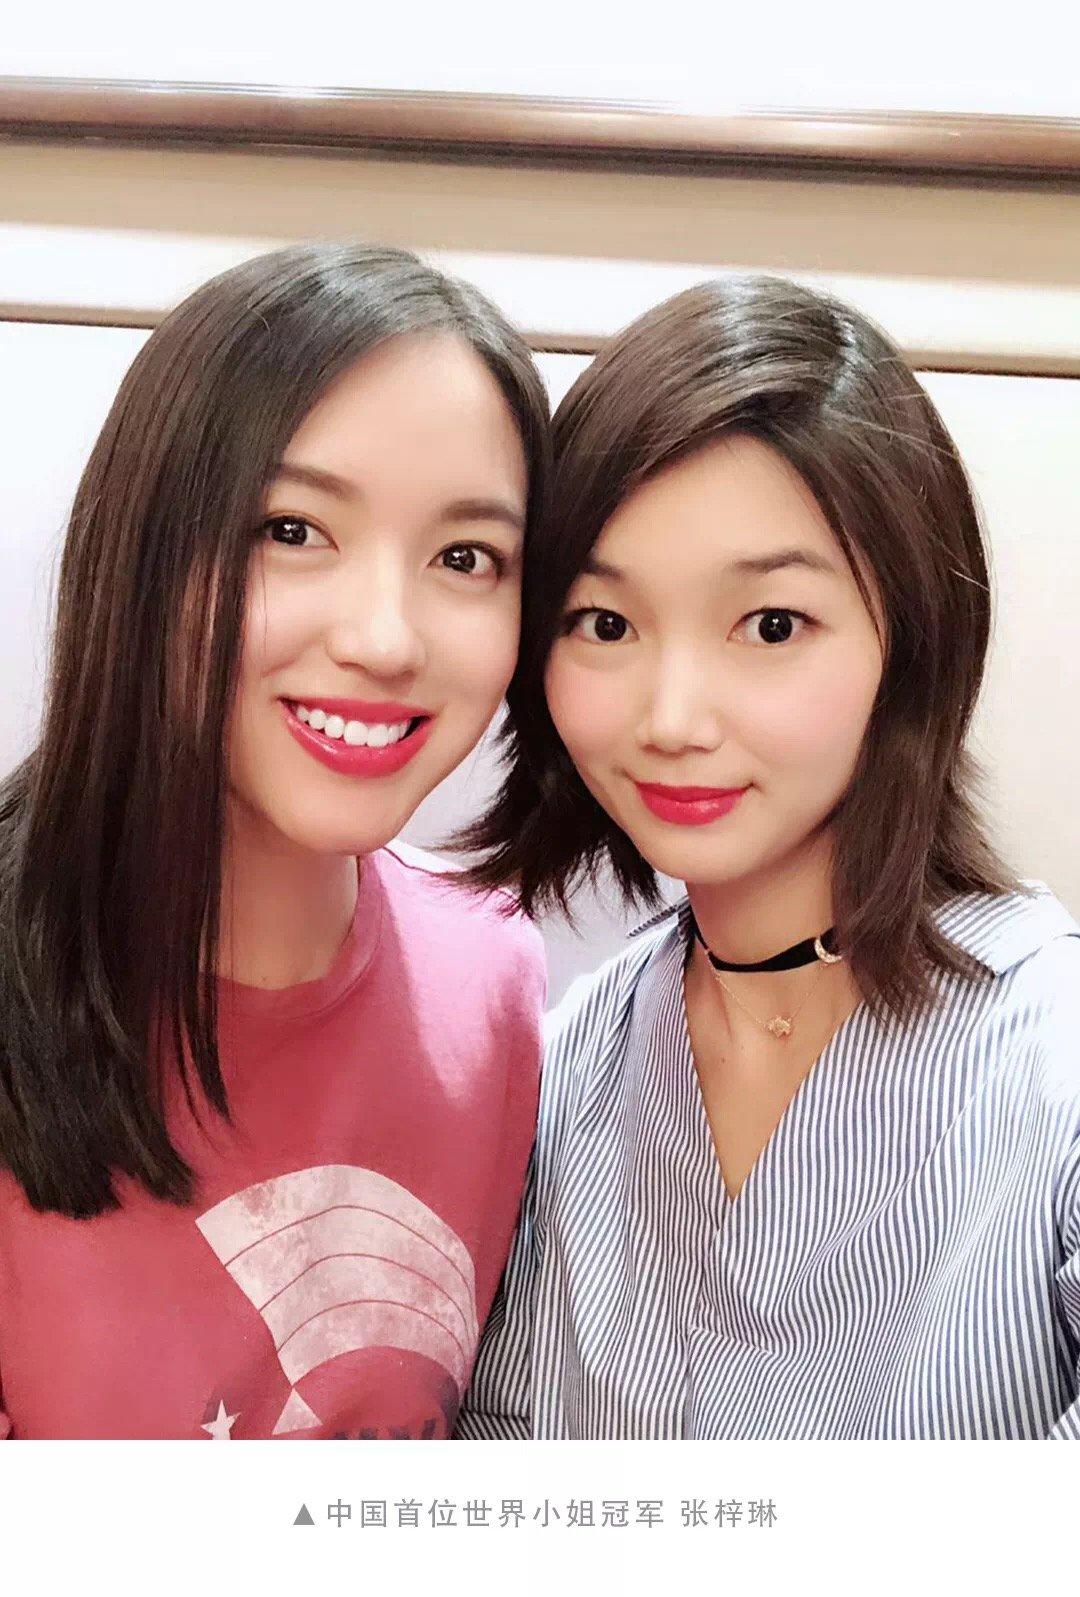 此文发表后,王晗还发朋友圈庆祝文章营销数据。